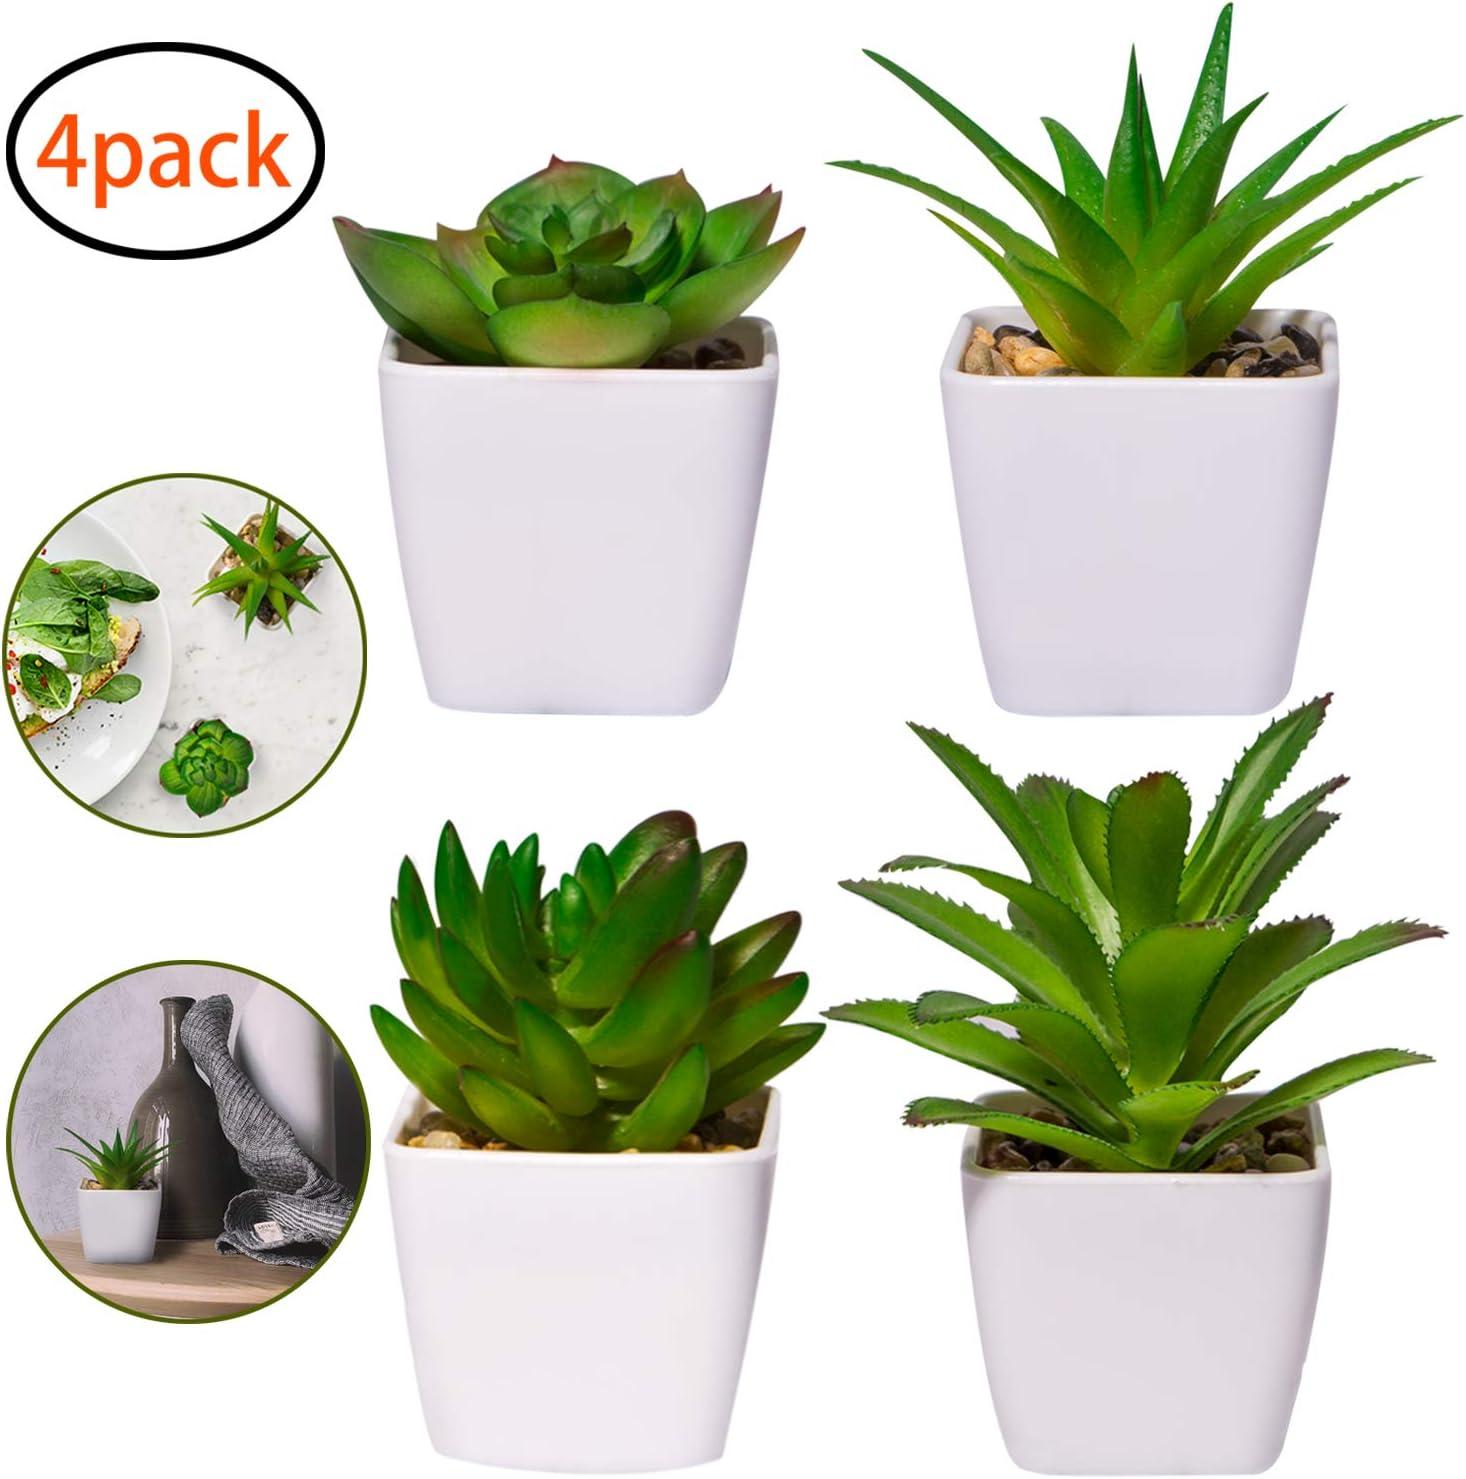 YHmall 4pcs Plantas Artificiales Decoracion Exterior de Suculentas con Macetas Plásticas de Interior y Exterior para Cocina, Jardín, Patio